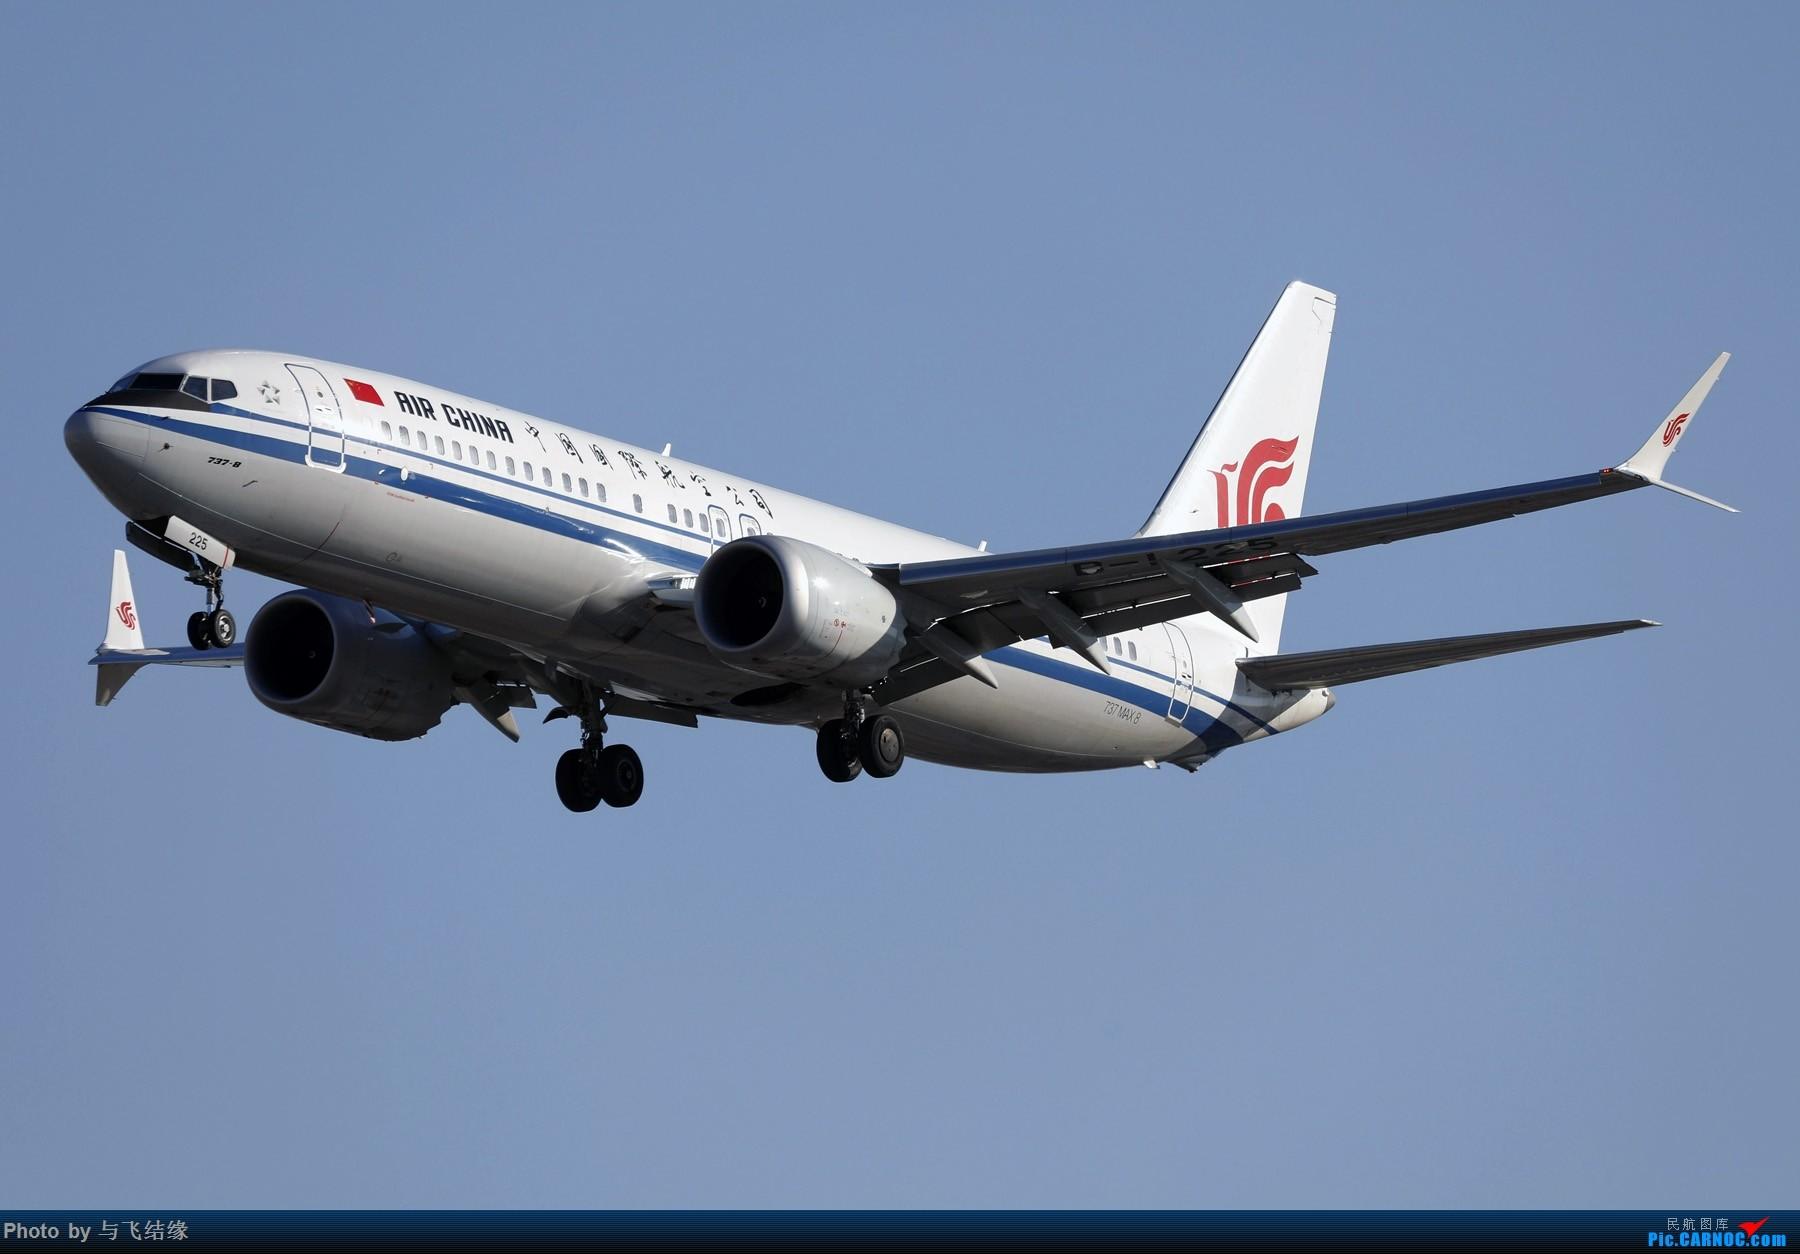 """Re:[原创]农历三十再发一贴,祝朋友们新年""""猪""""事顺利,吉祥如意! BOEING 737MAX-8 B-1225 中国北京首都国际机场"""